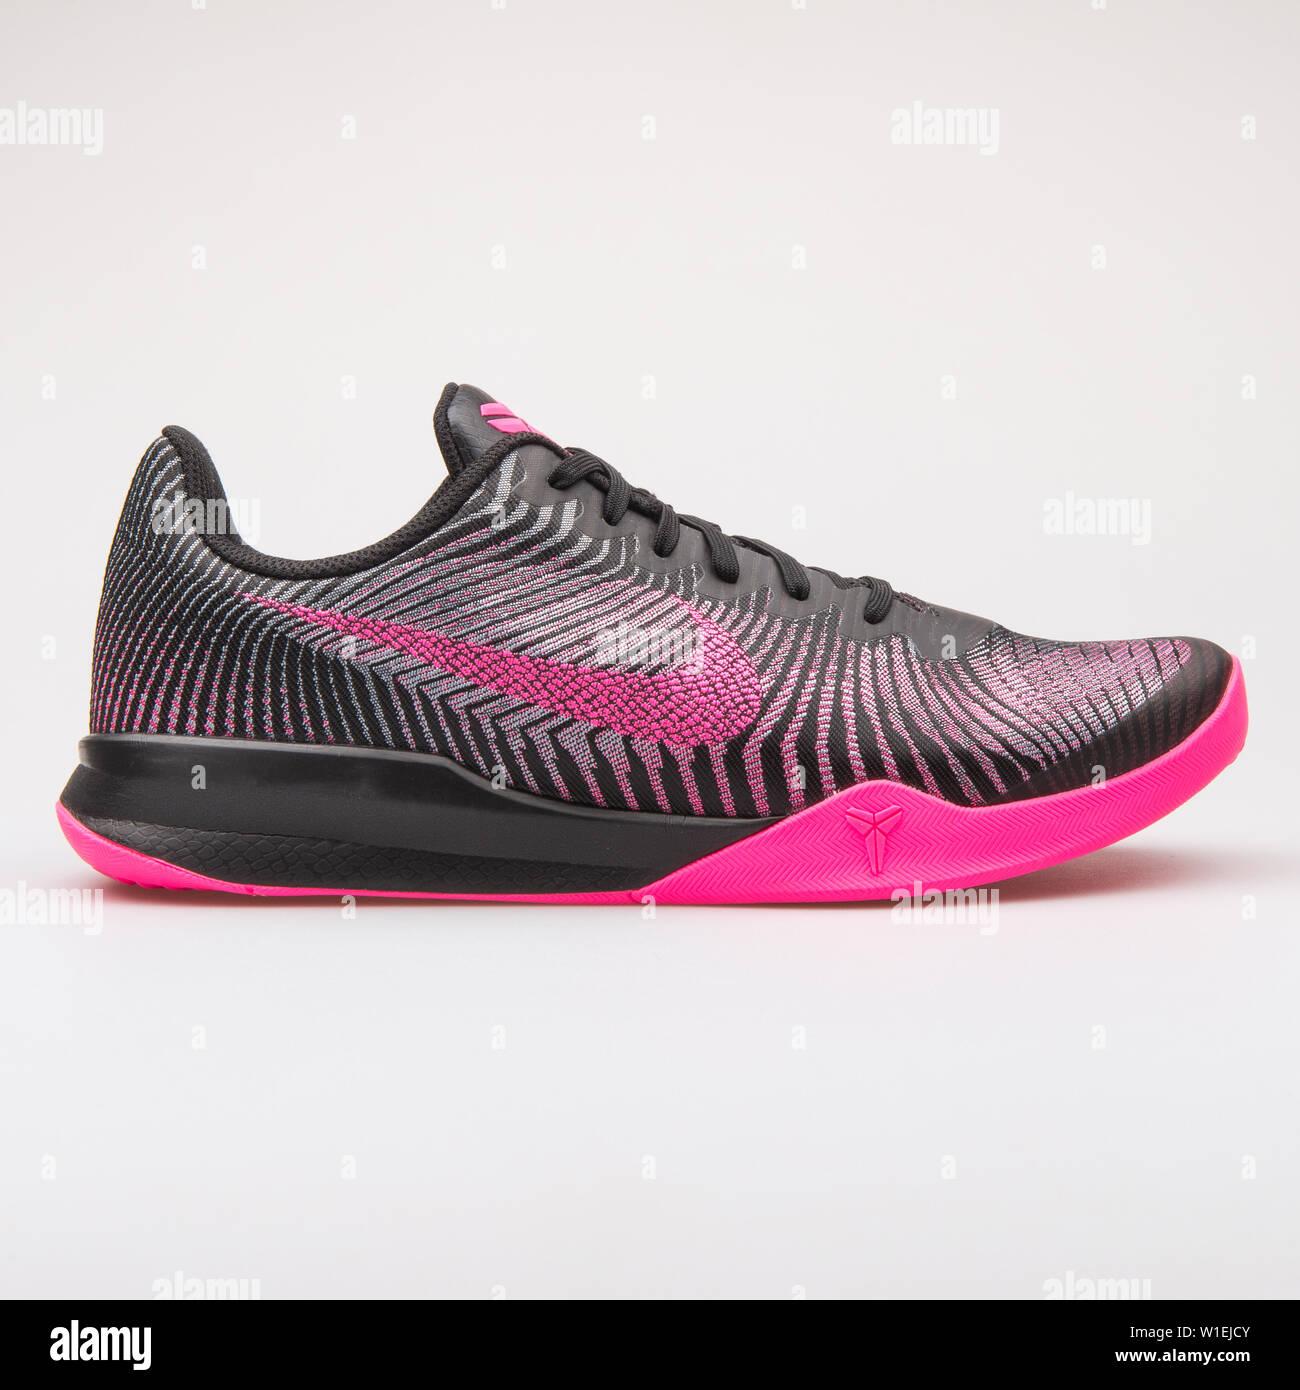 Wien, Österreich - 23 August 2017: Nike KB Mentalität 2 schwarz und pink Sneaker auf weißem Hintergrund. Stockfoto